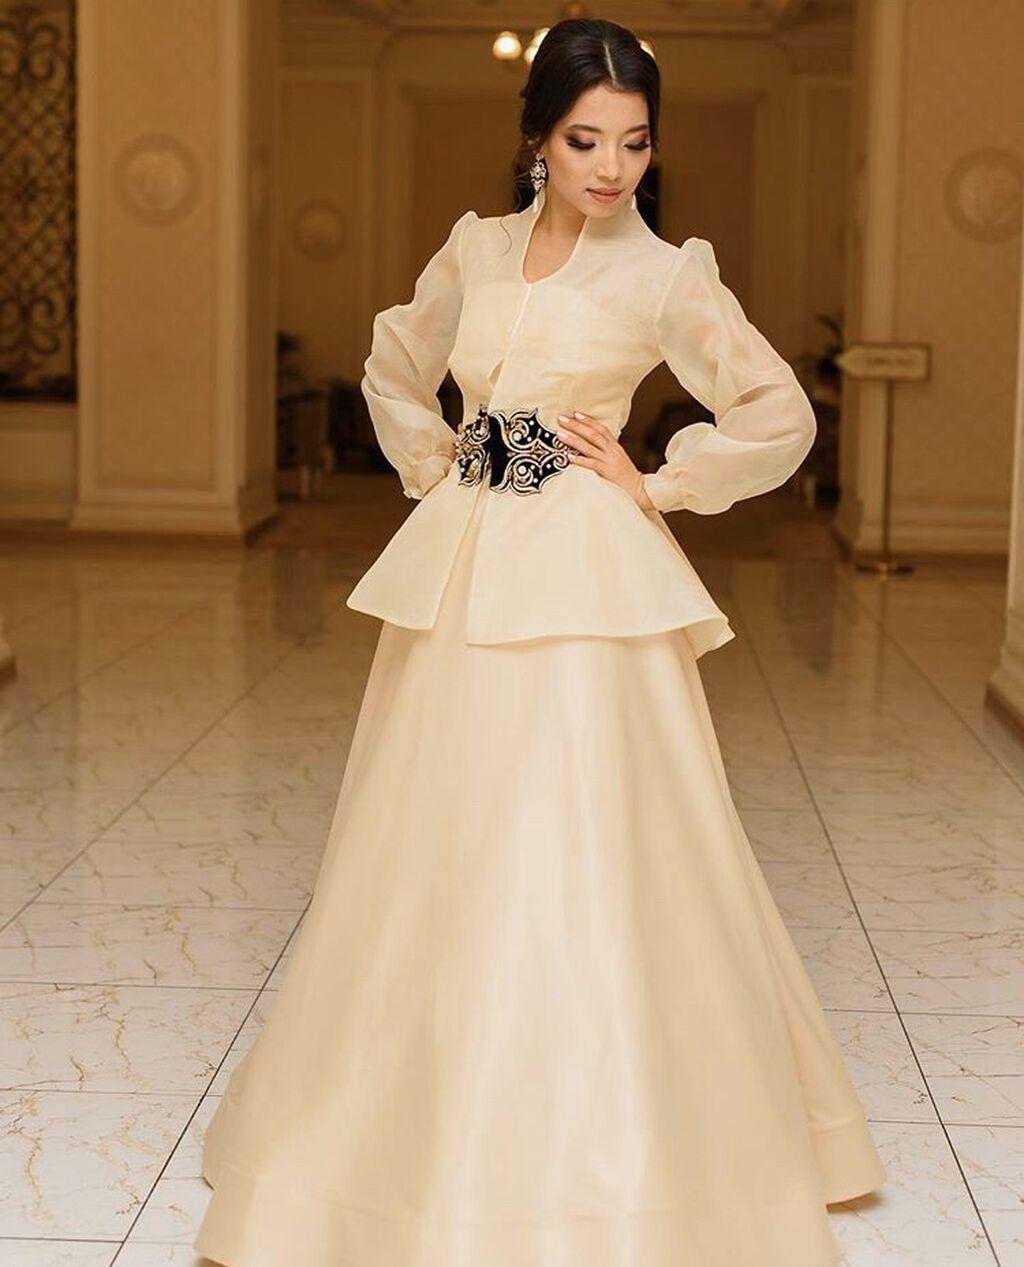 Платье сшито из дубайского атласа здесь ,тройка отдельный корсет, юбка и камзол ,очень универсальная на камзоле вышивка из бархата размер 42/44